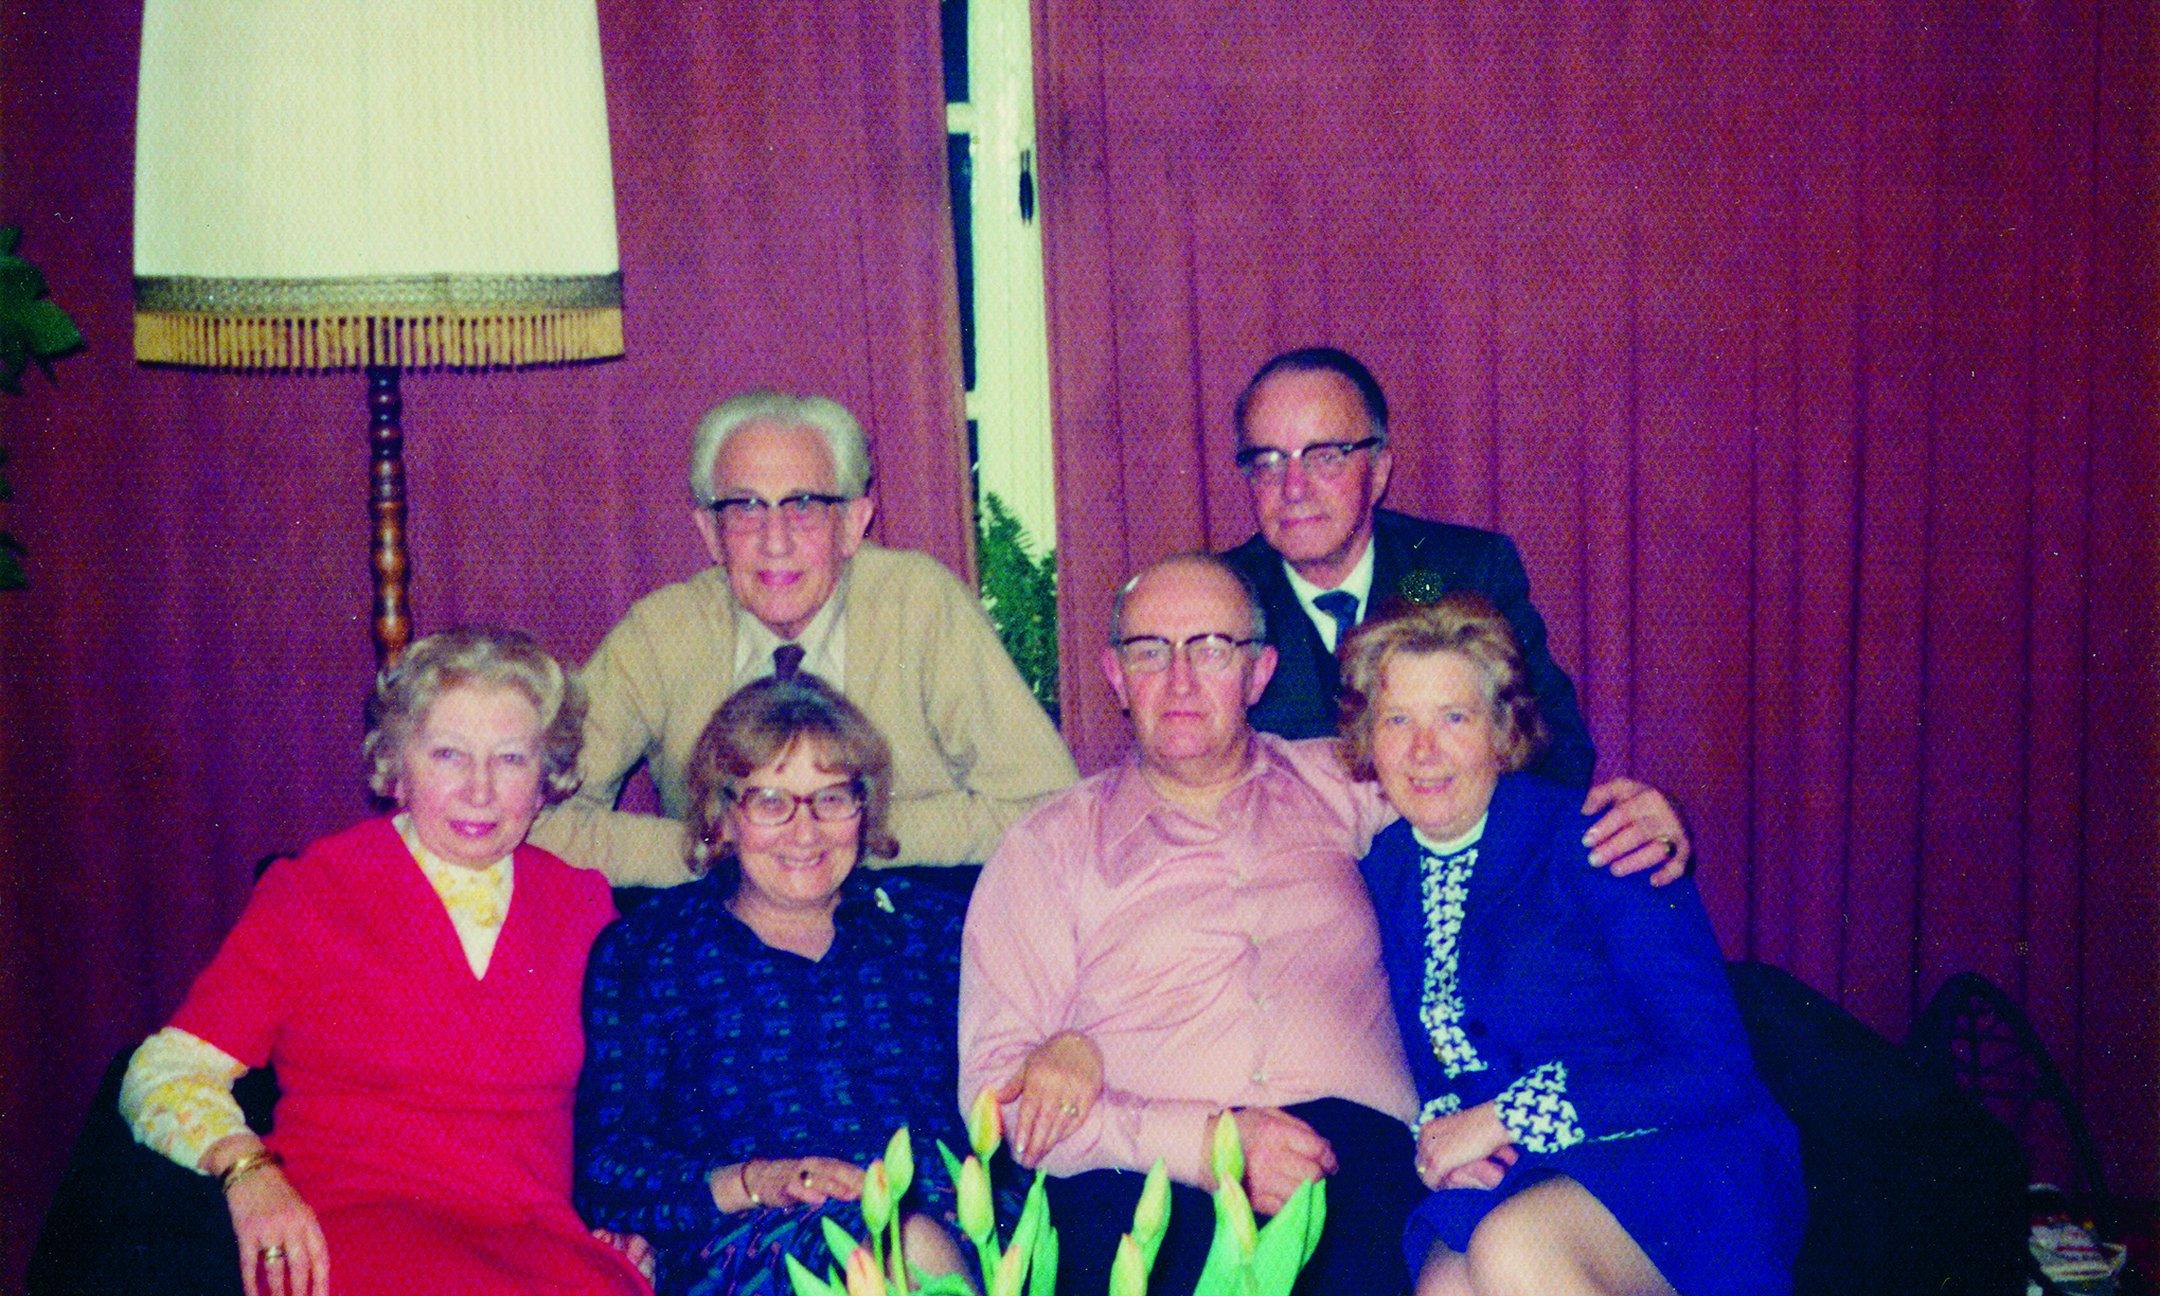 The helpers with their partners, around 1973. In the back: Jan Gies and Victor Kugler. In the front: Miep Gies, Bep van Wijk-Voskuijl, Cor van Wijk, and Loes Kugler.